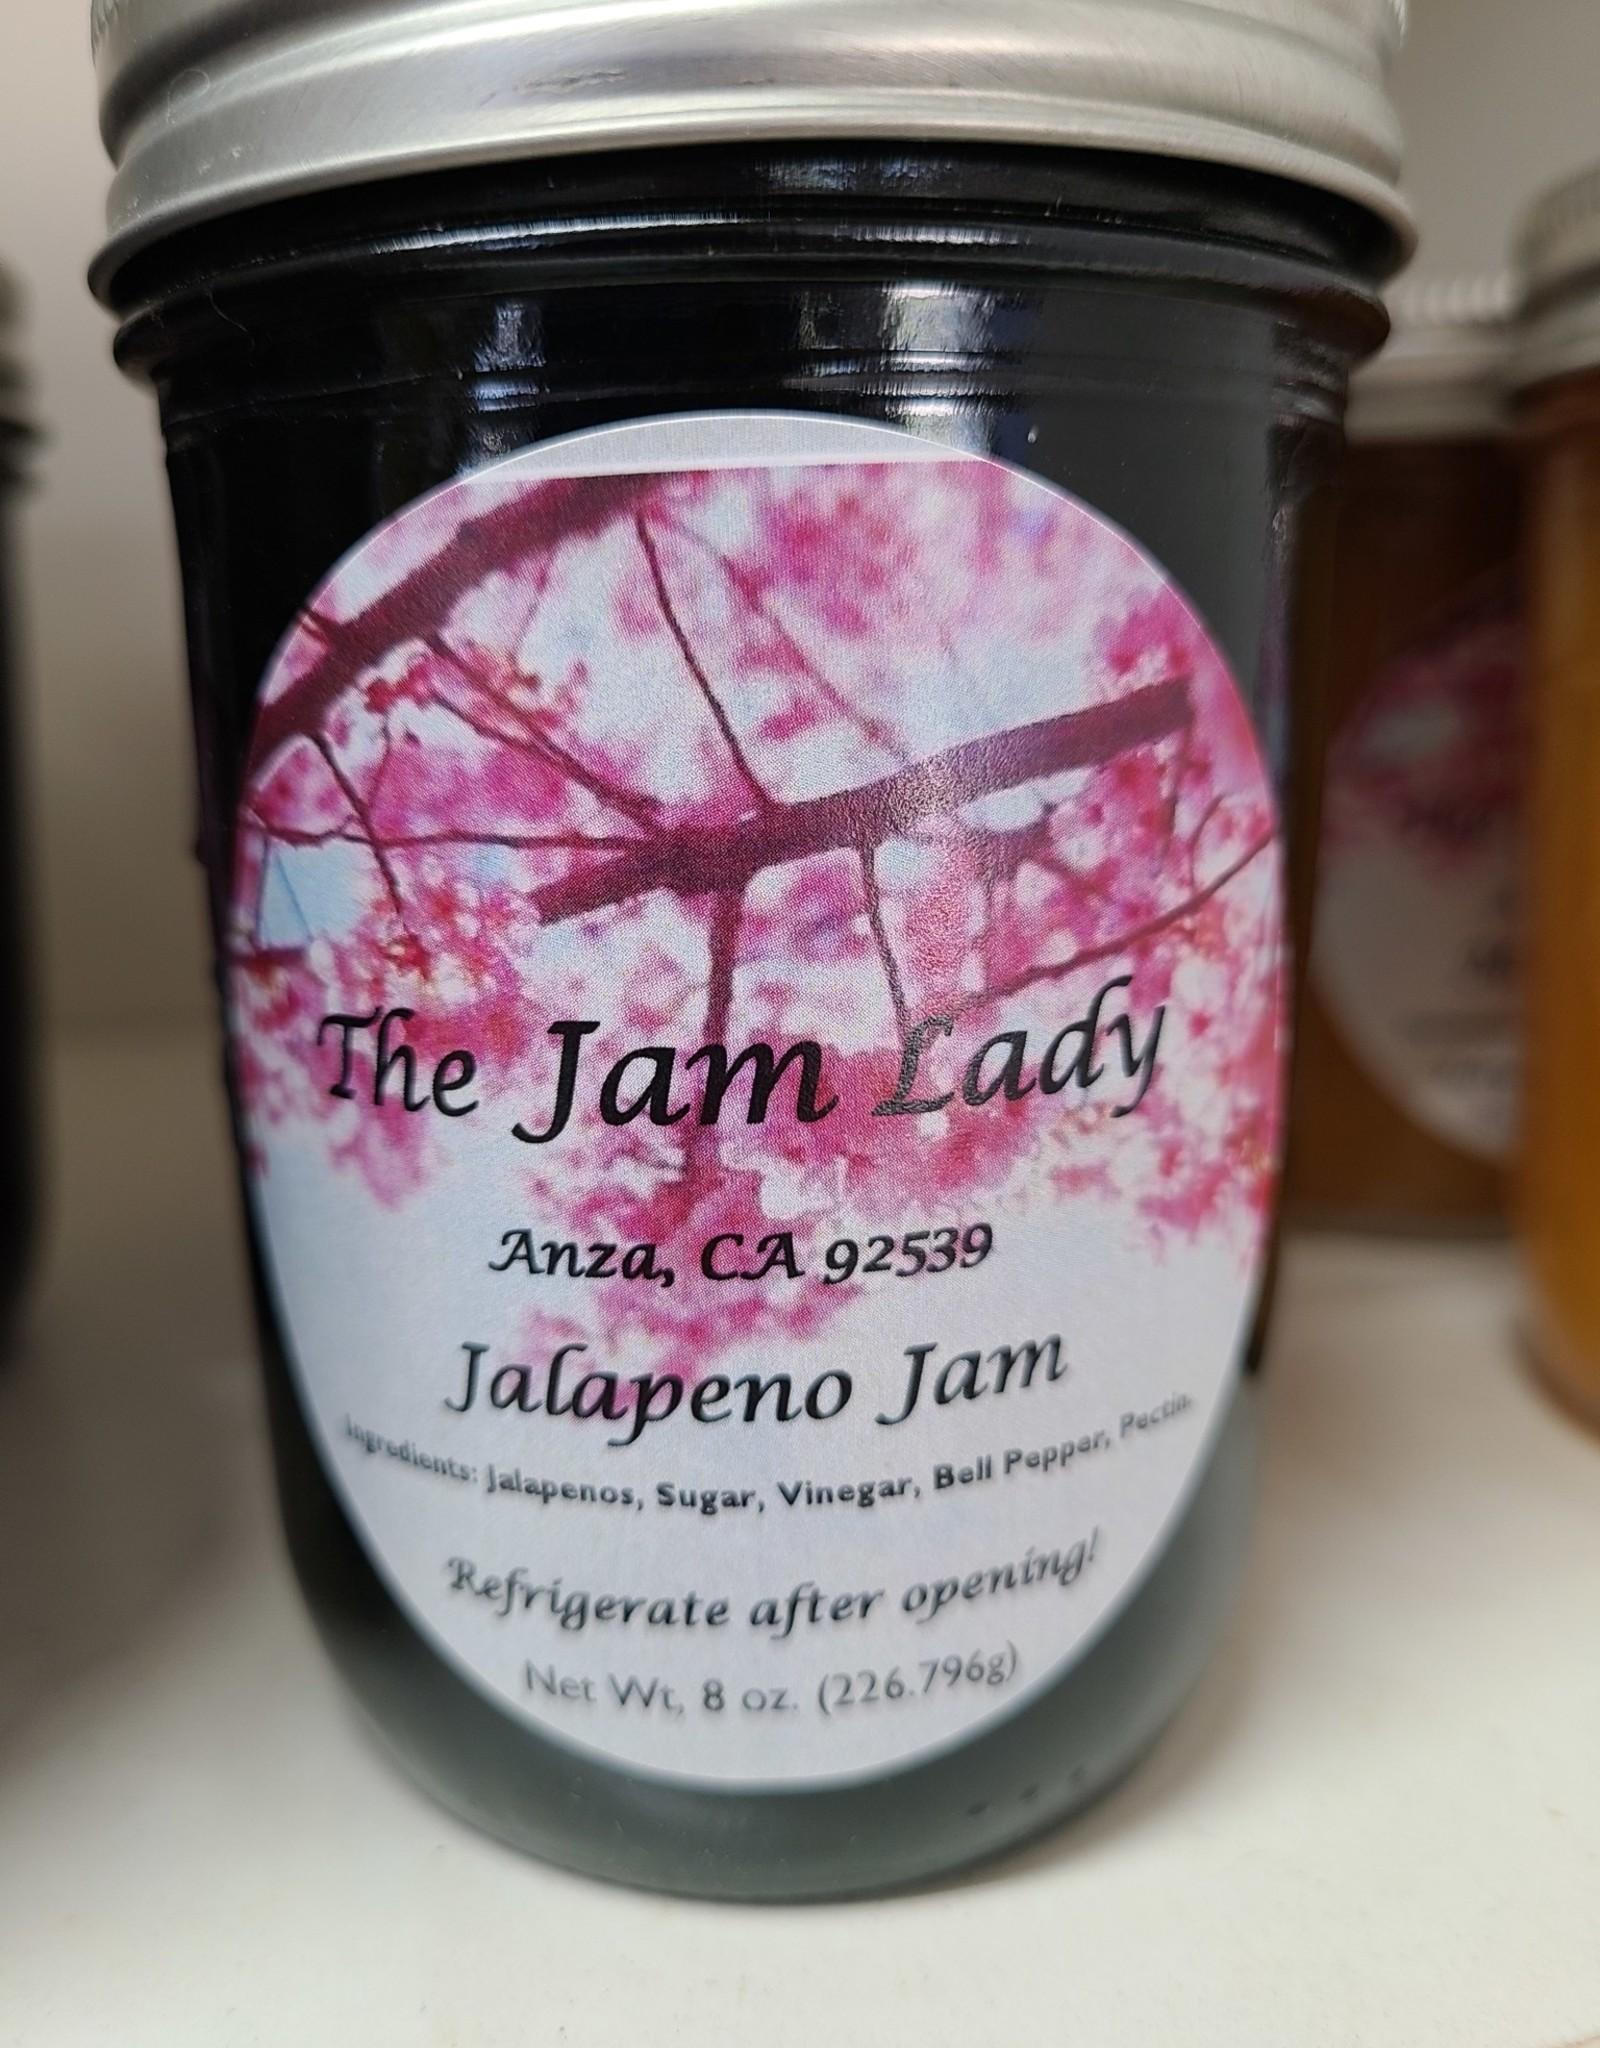 Jalapeno Jam